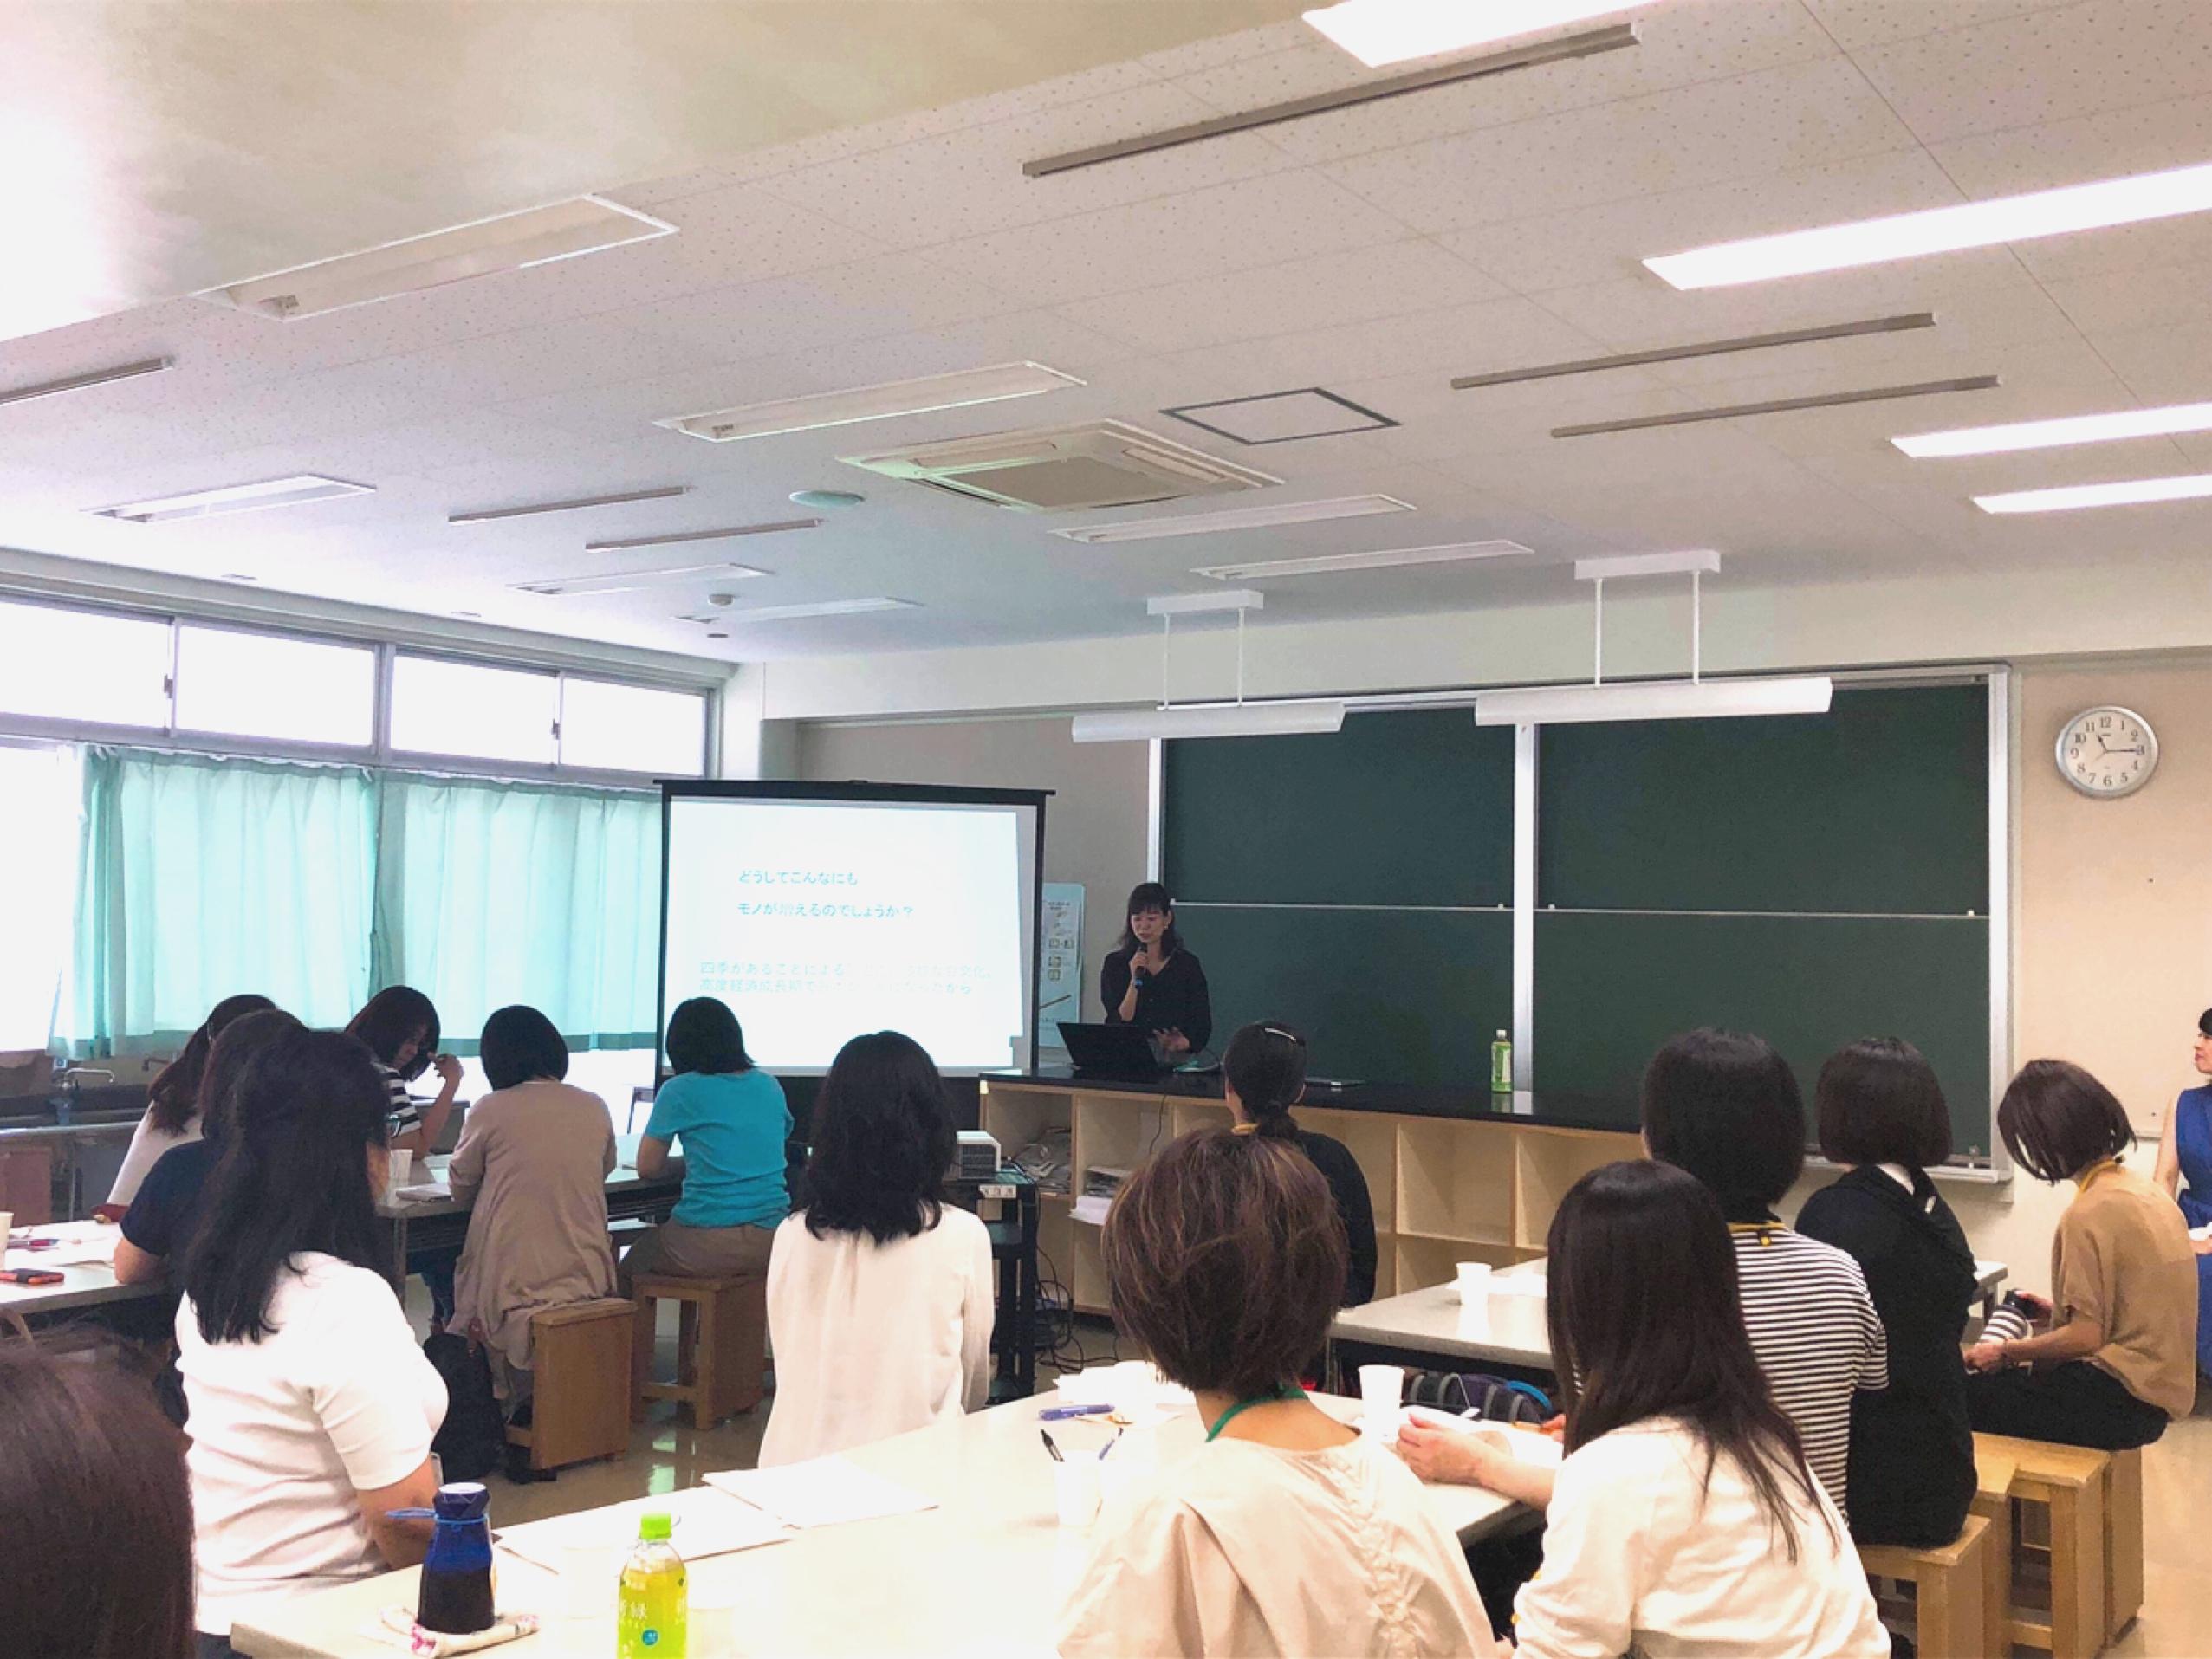 横浜市公立小学校でのPTA講座「お金が貯まってお家が片付くコツ」の様子